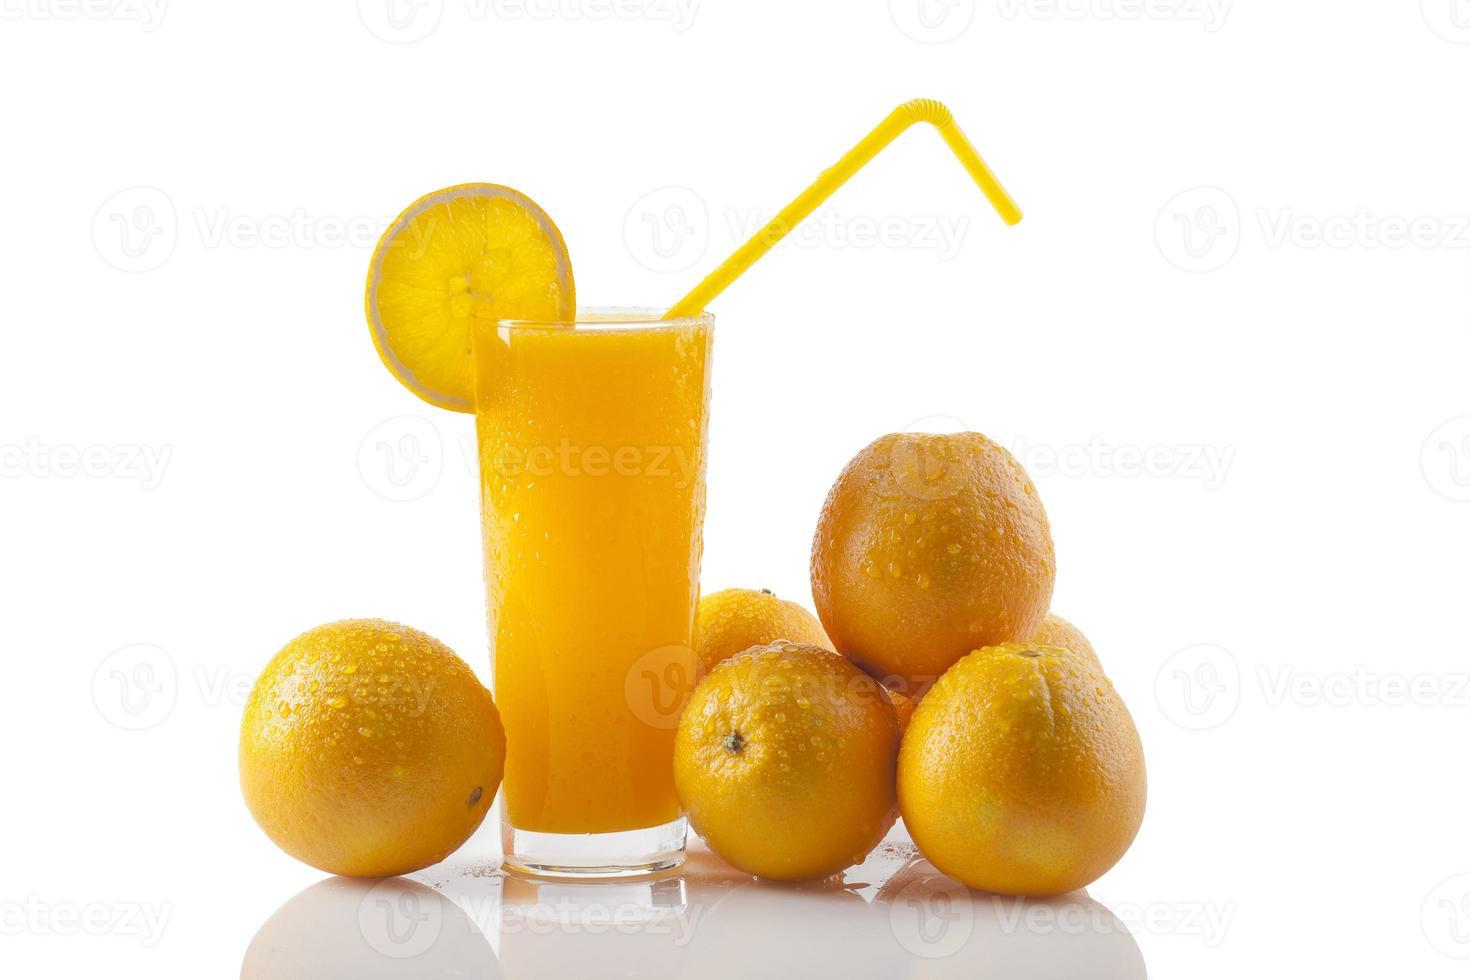 sinaasappelsap met sinaasappels foto